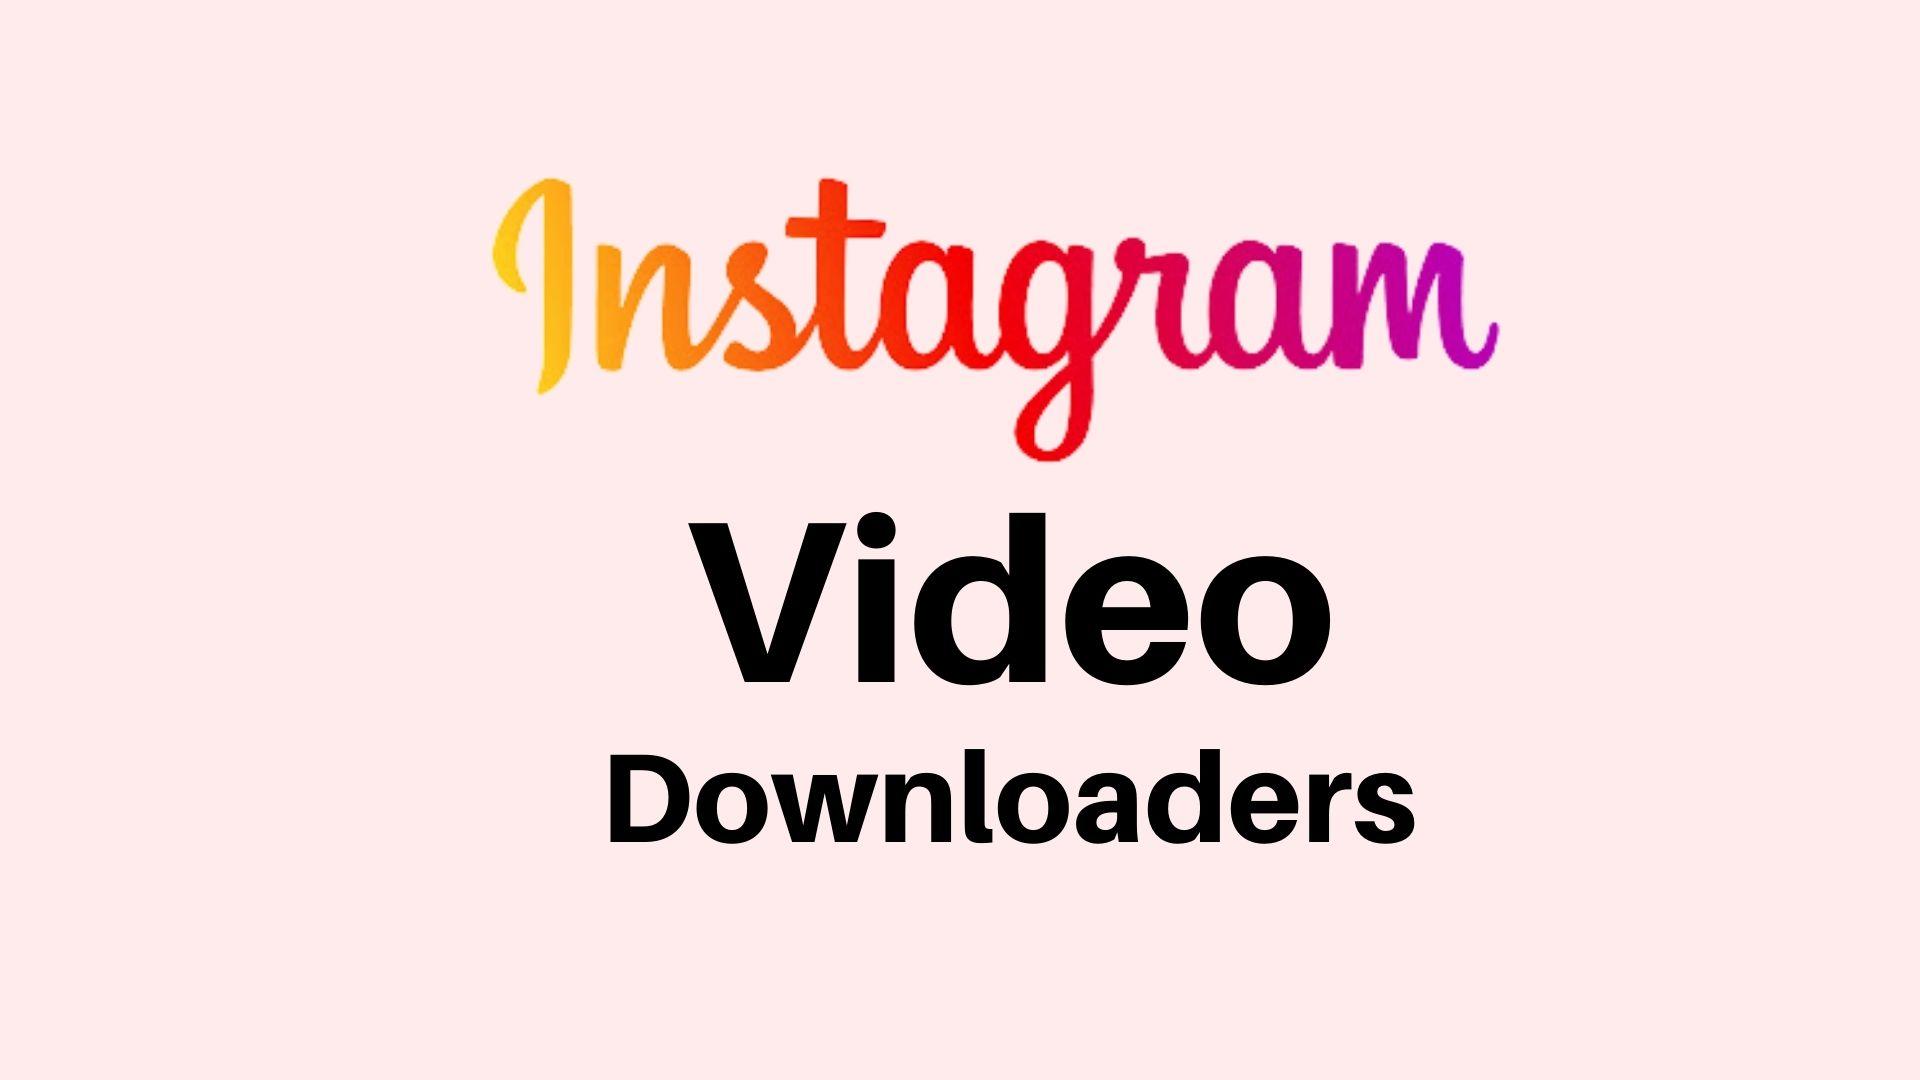 Instagram Video Downloaders